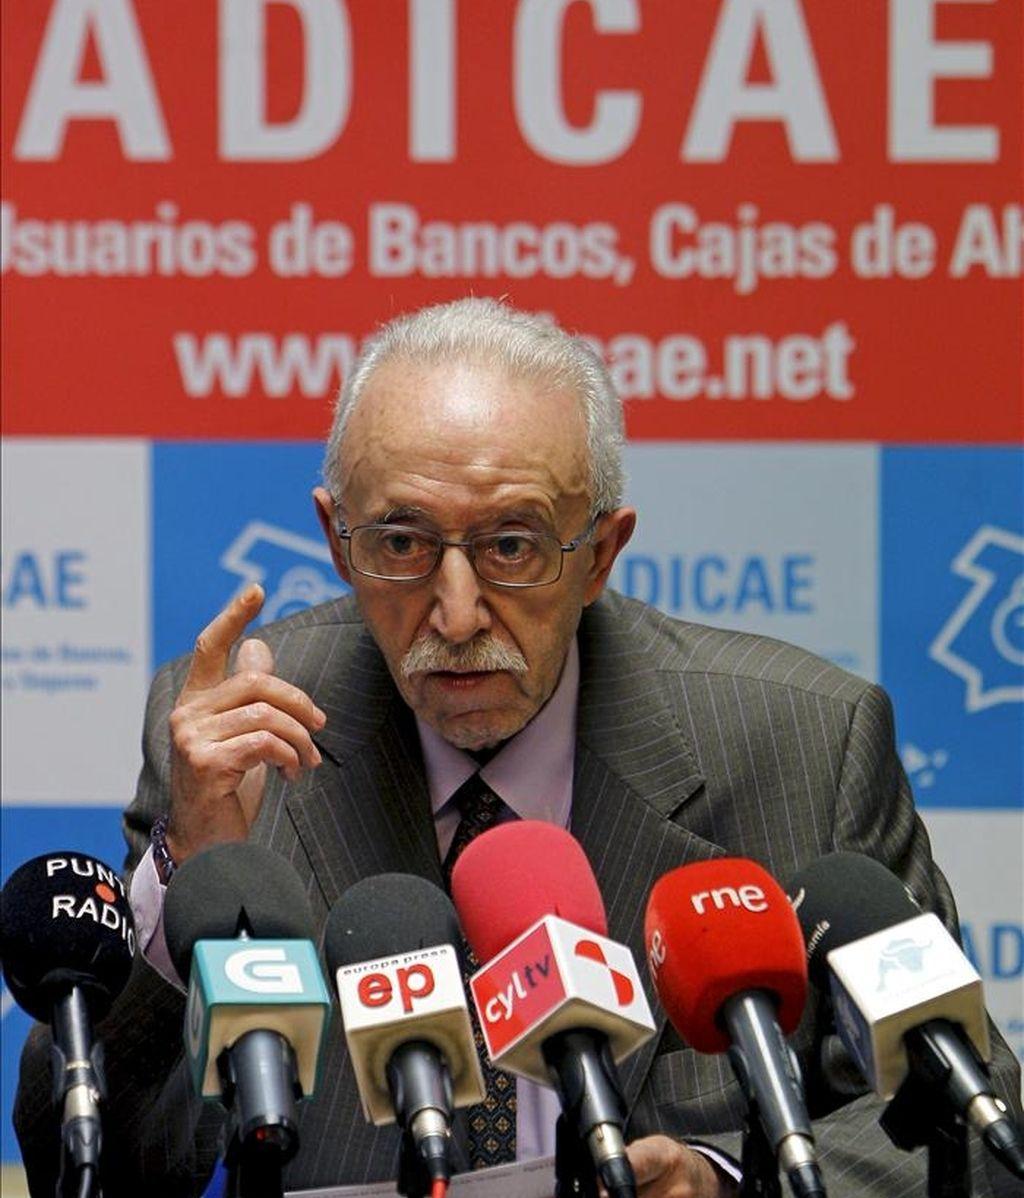 El presidente de la ADICAE, Manuel Pardos EFE/Archivo